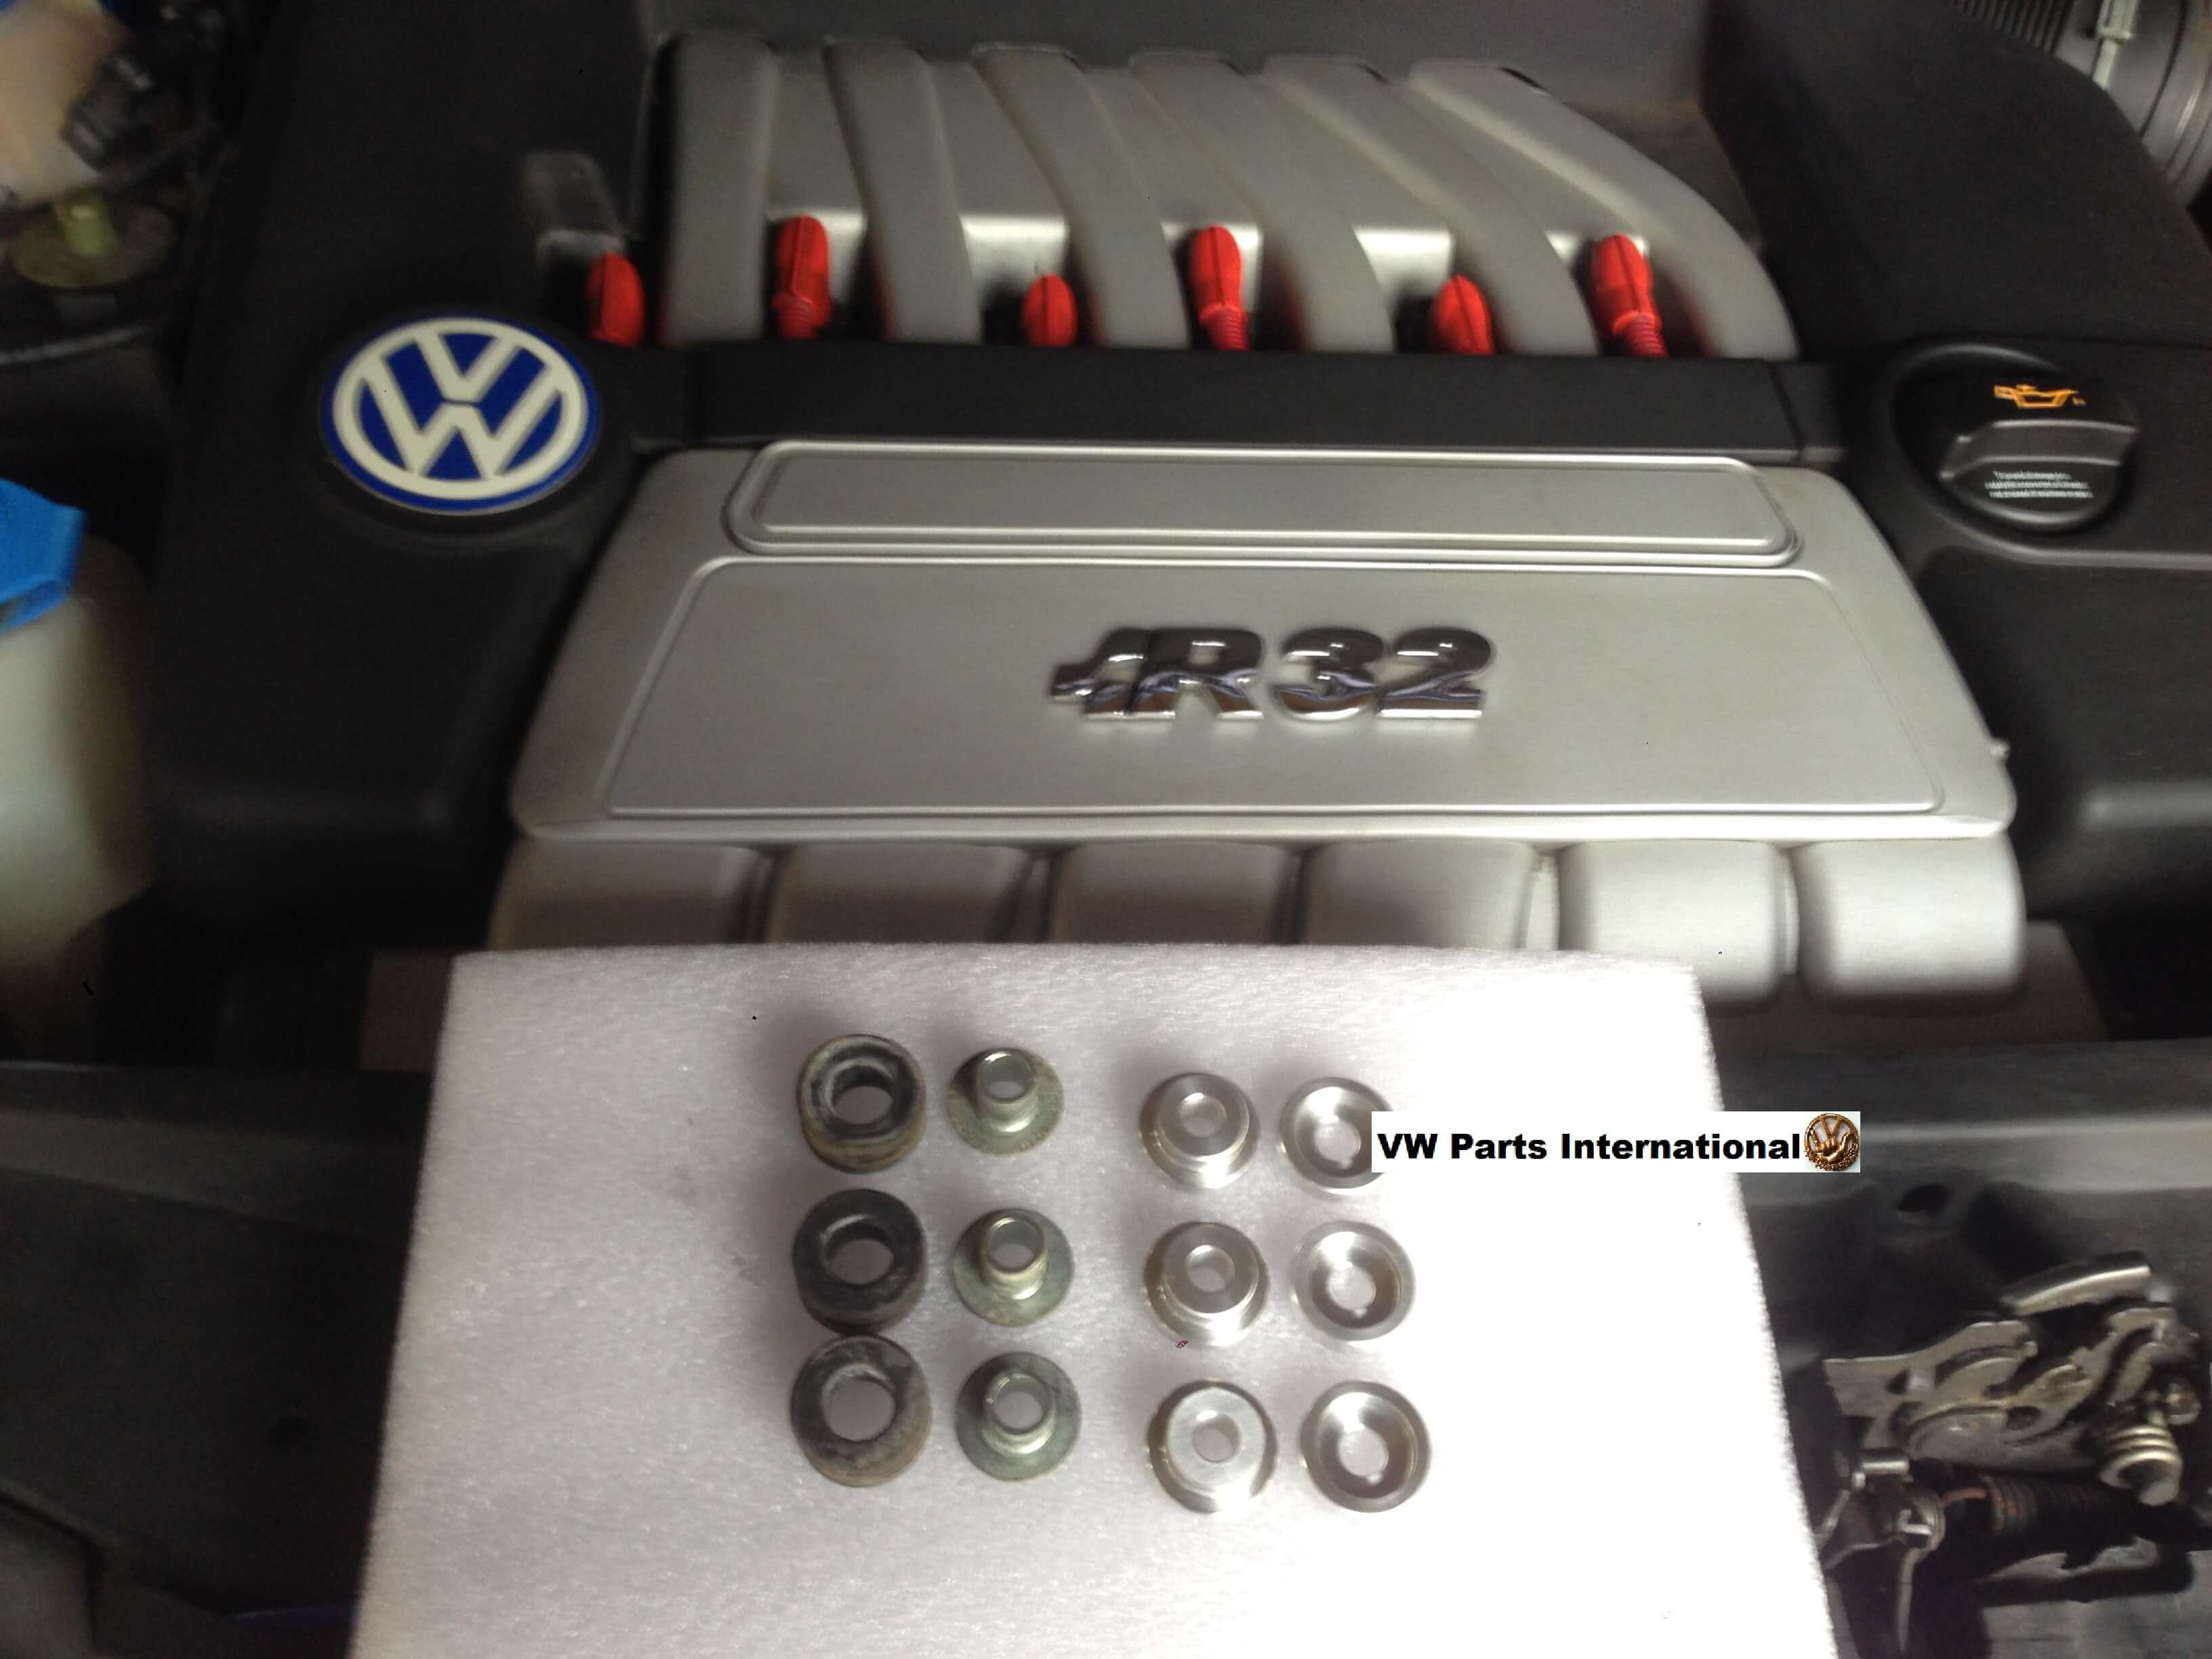 r32 parts: